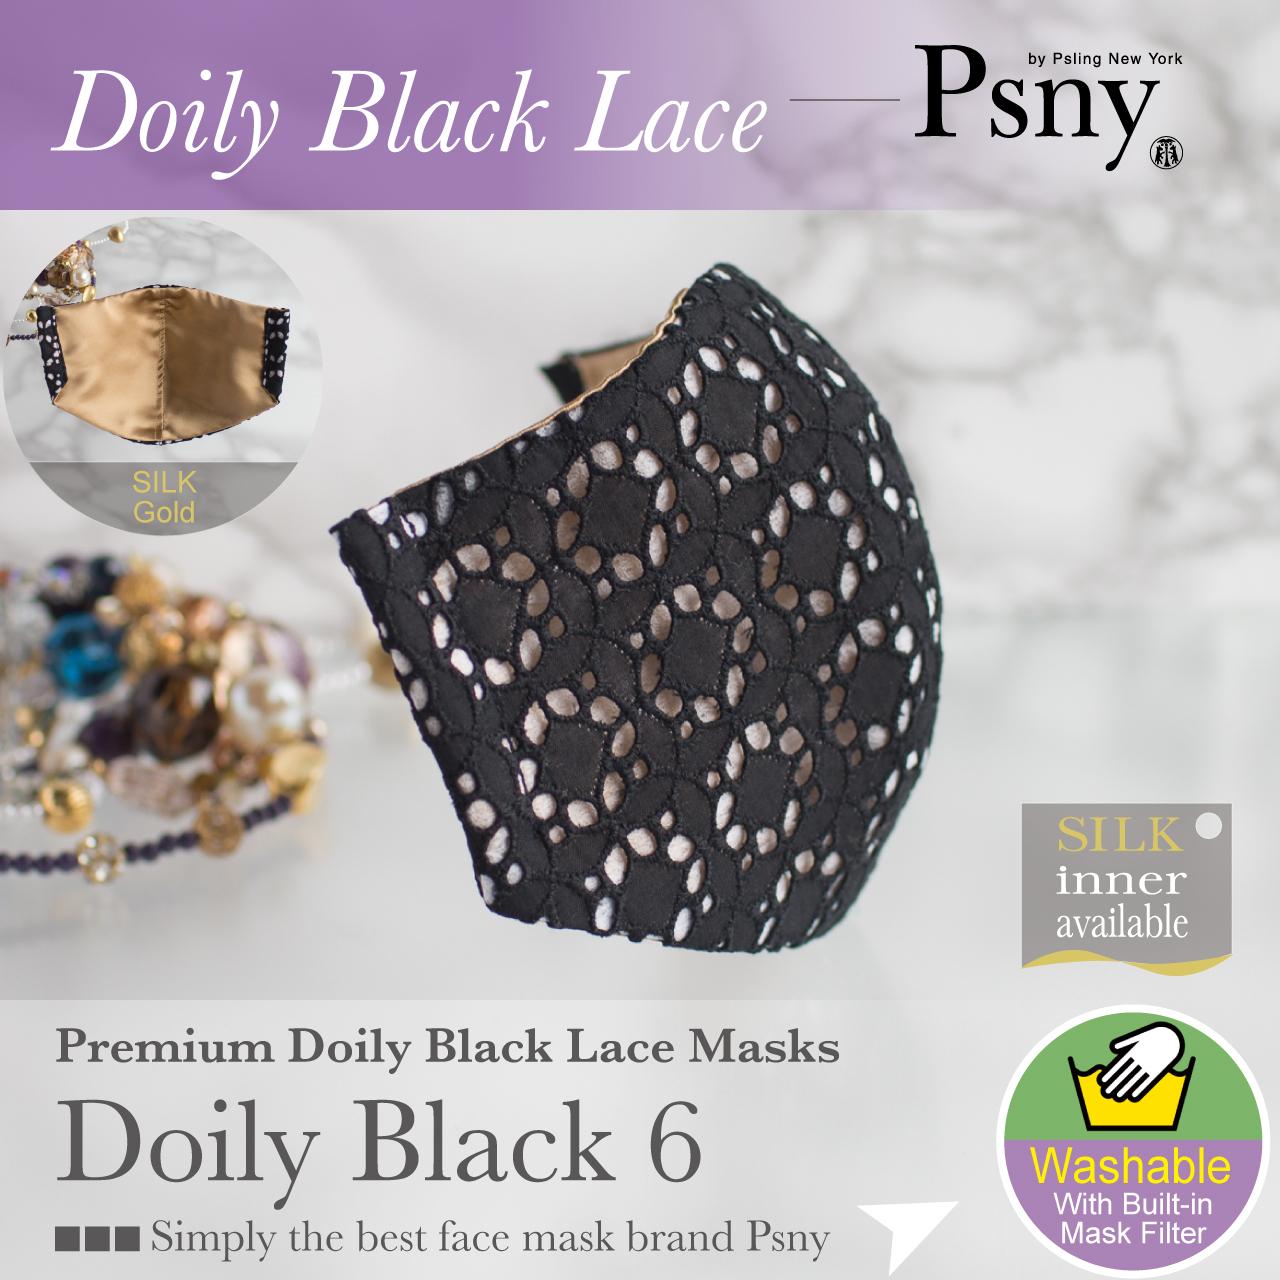 PSNY 送料無料 ドイリー・ブラック・レース 6 花粉 黄砂 不織布フィルター入り おしゃれ シルク 肌に優しい 上品 冠婚葬祭 黒 クロ 美しい 立体 おとな ドレス ますく マスク --LD06